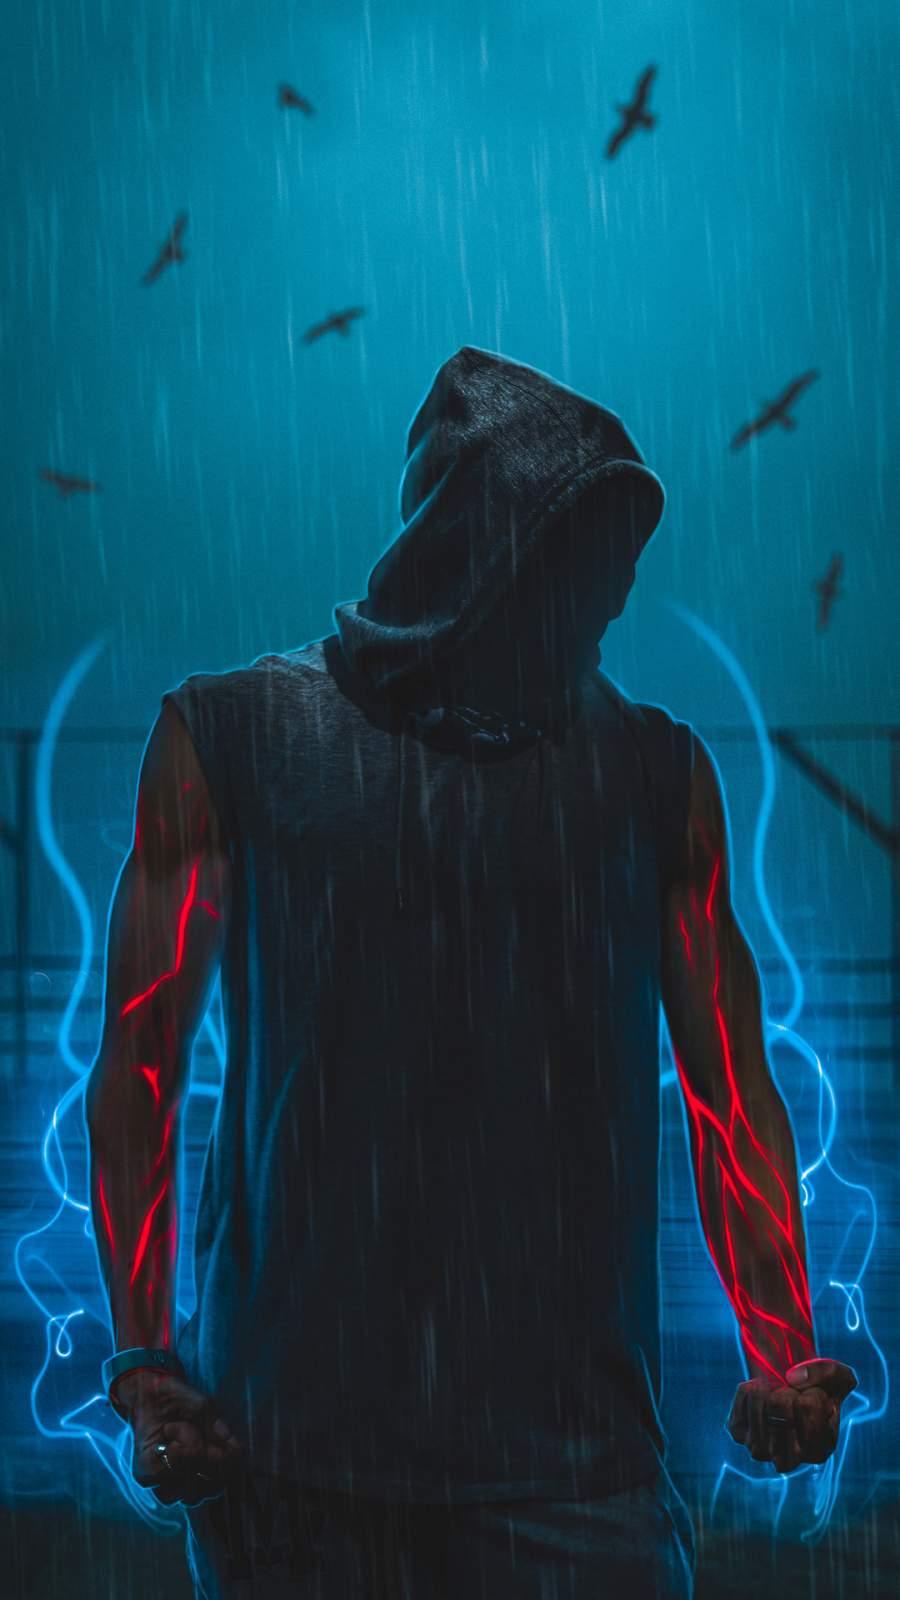 Man Power iPhone Wallpaper